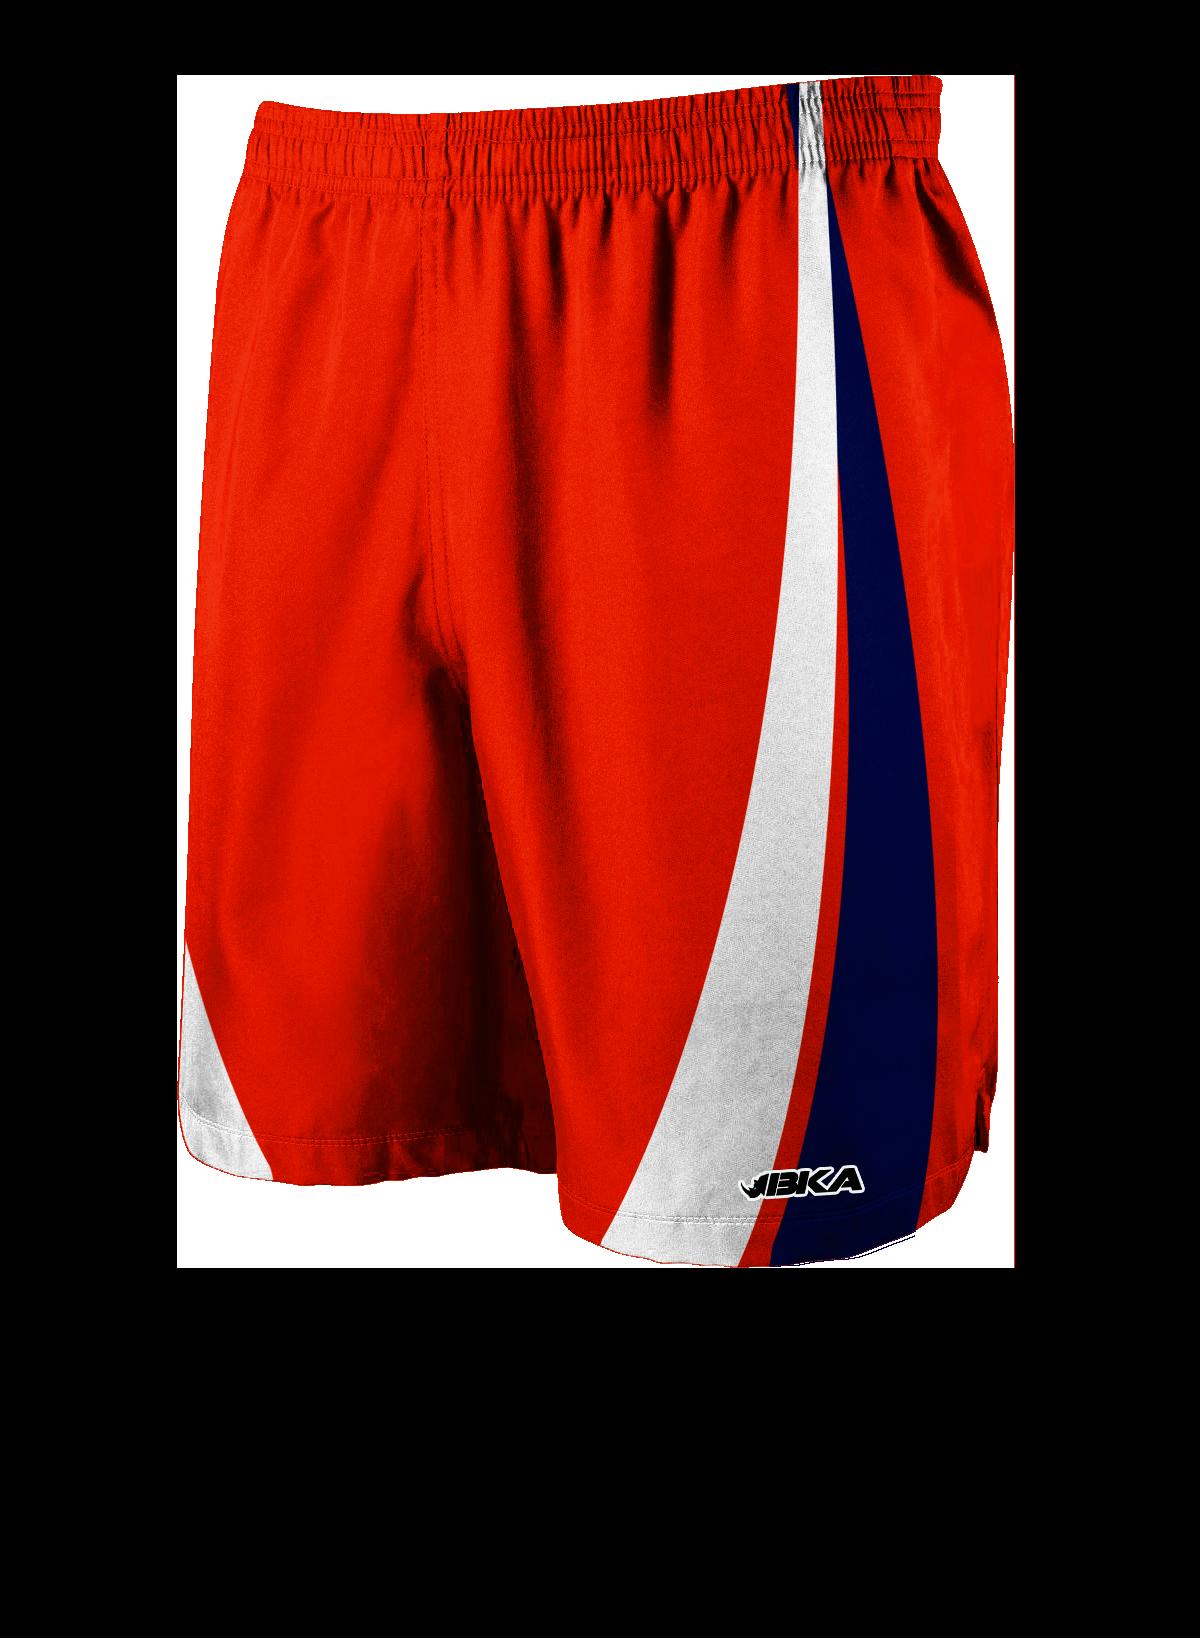 pantalon line rojo